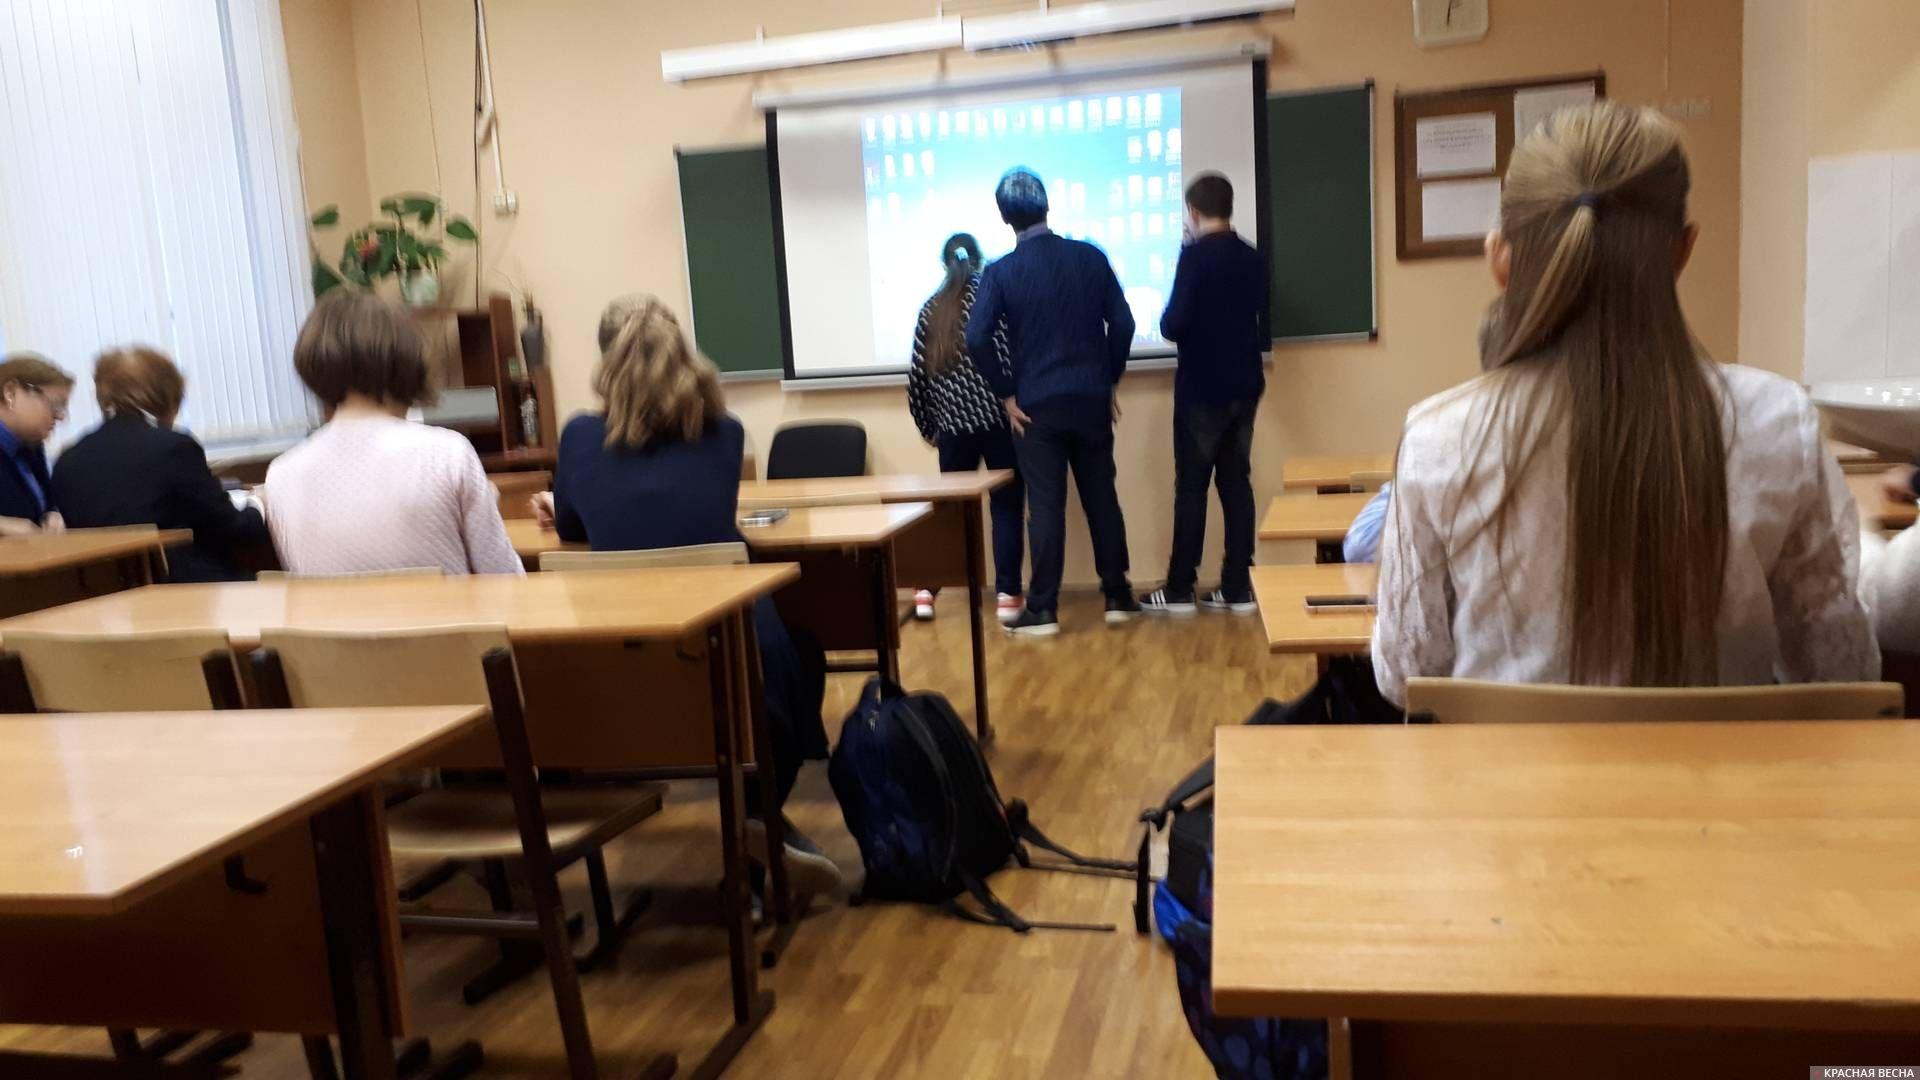 Школа. Ученики в классе Лариса Хорохова © ИА Красная Весна